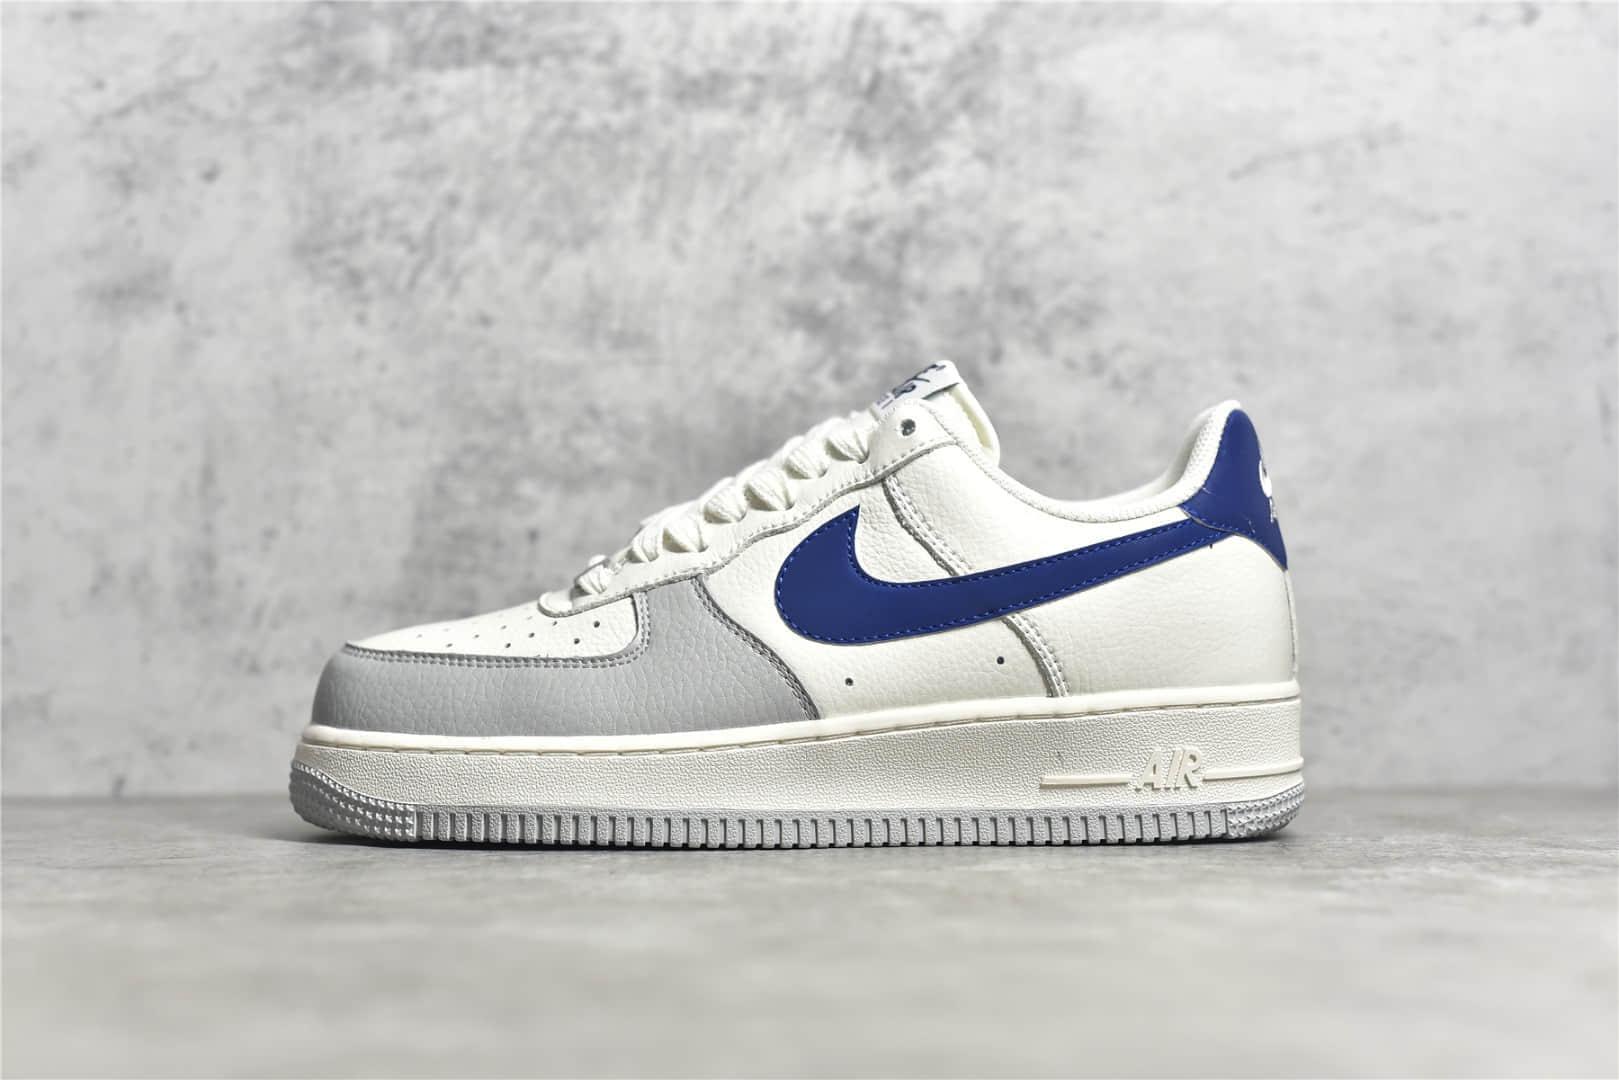 耐克空军一号小巴黎雾霾蓝 Nike Air Force 1 Low 07耐克空军白蓝低帮 耐克空军荔枝皮 货号:CT5566-033-潮流者之家